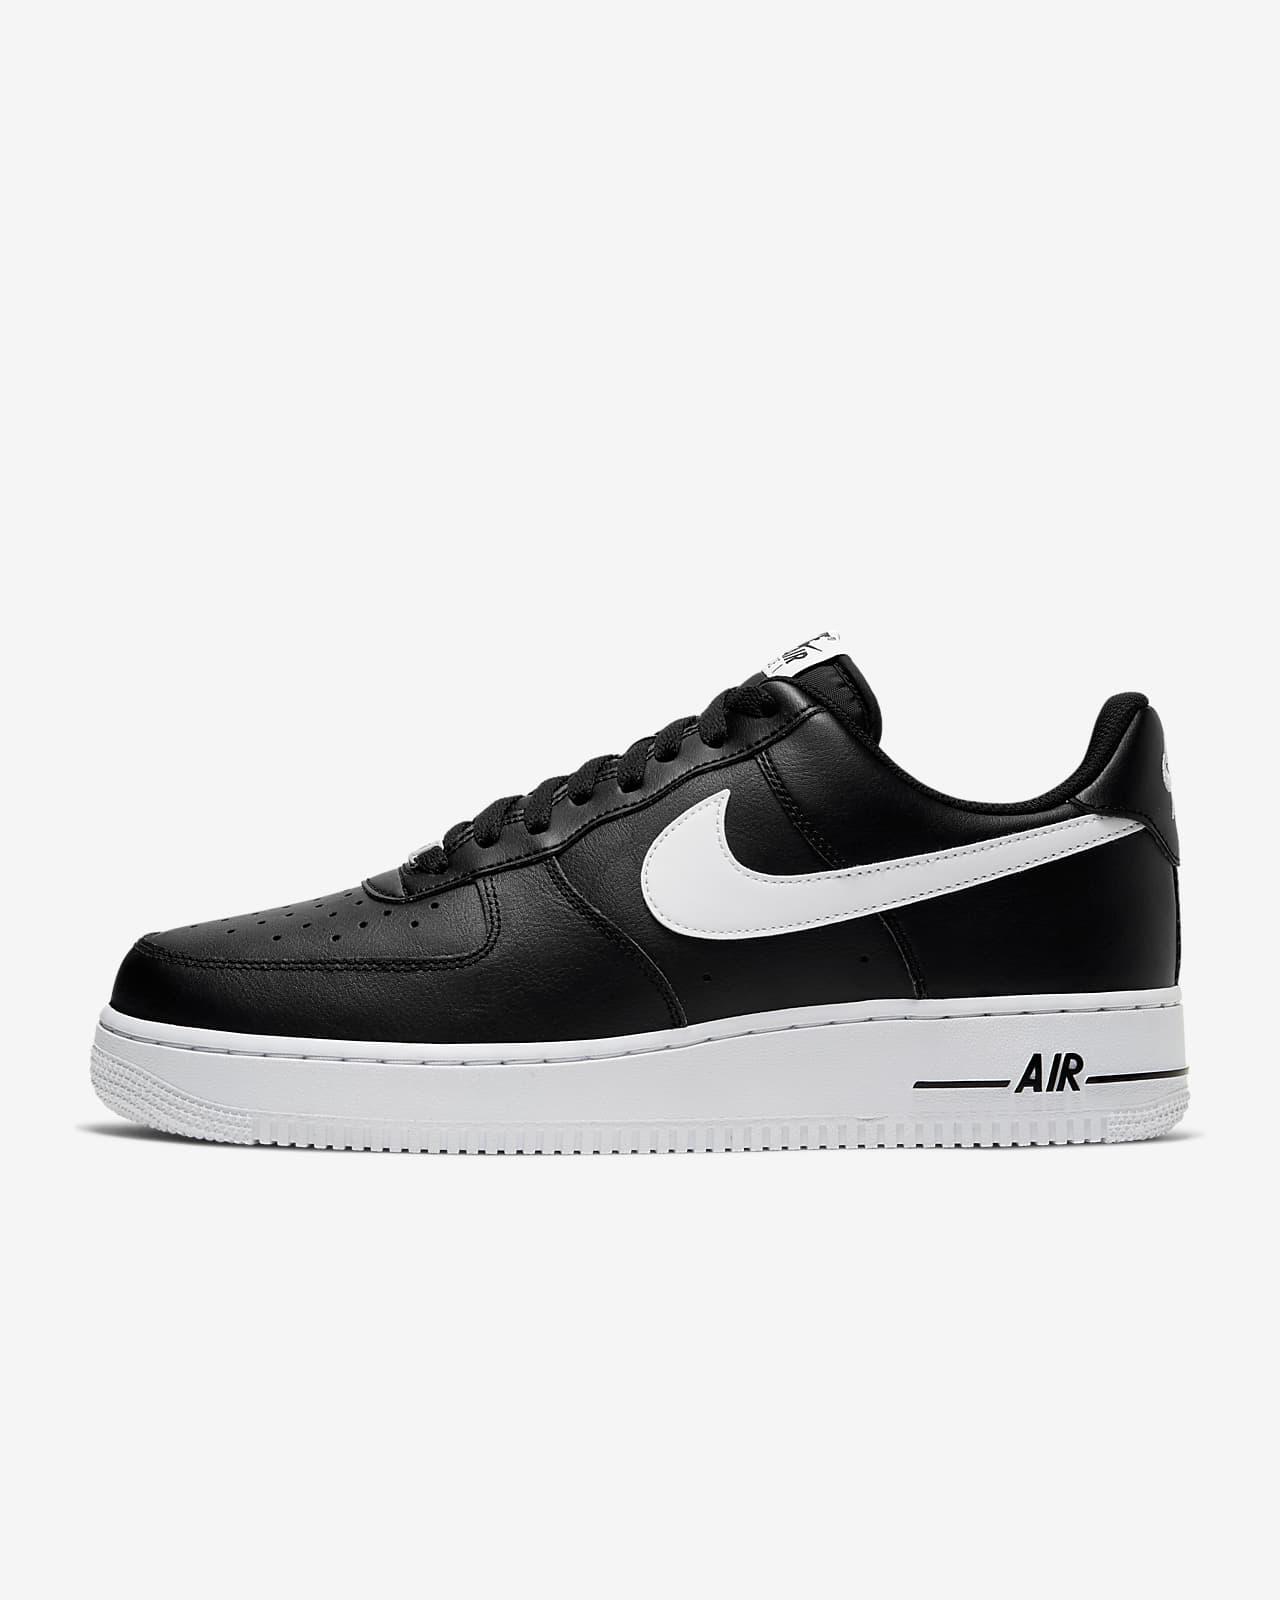 Nike Air Force 1 '07 Erkek Ayakkabısı